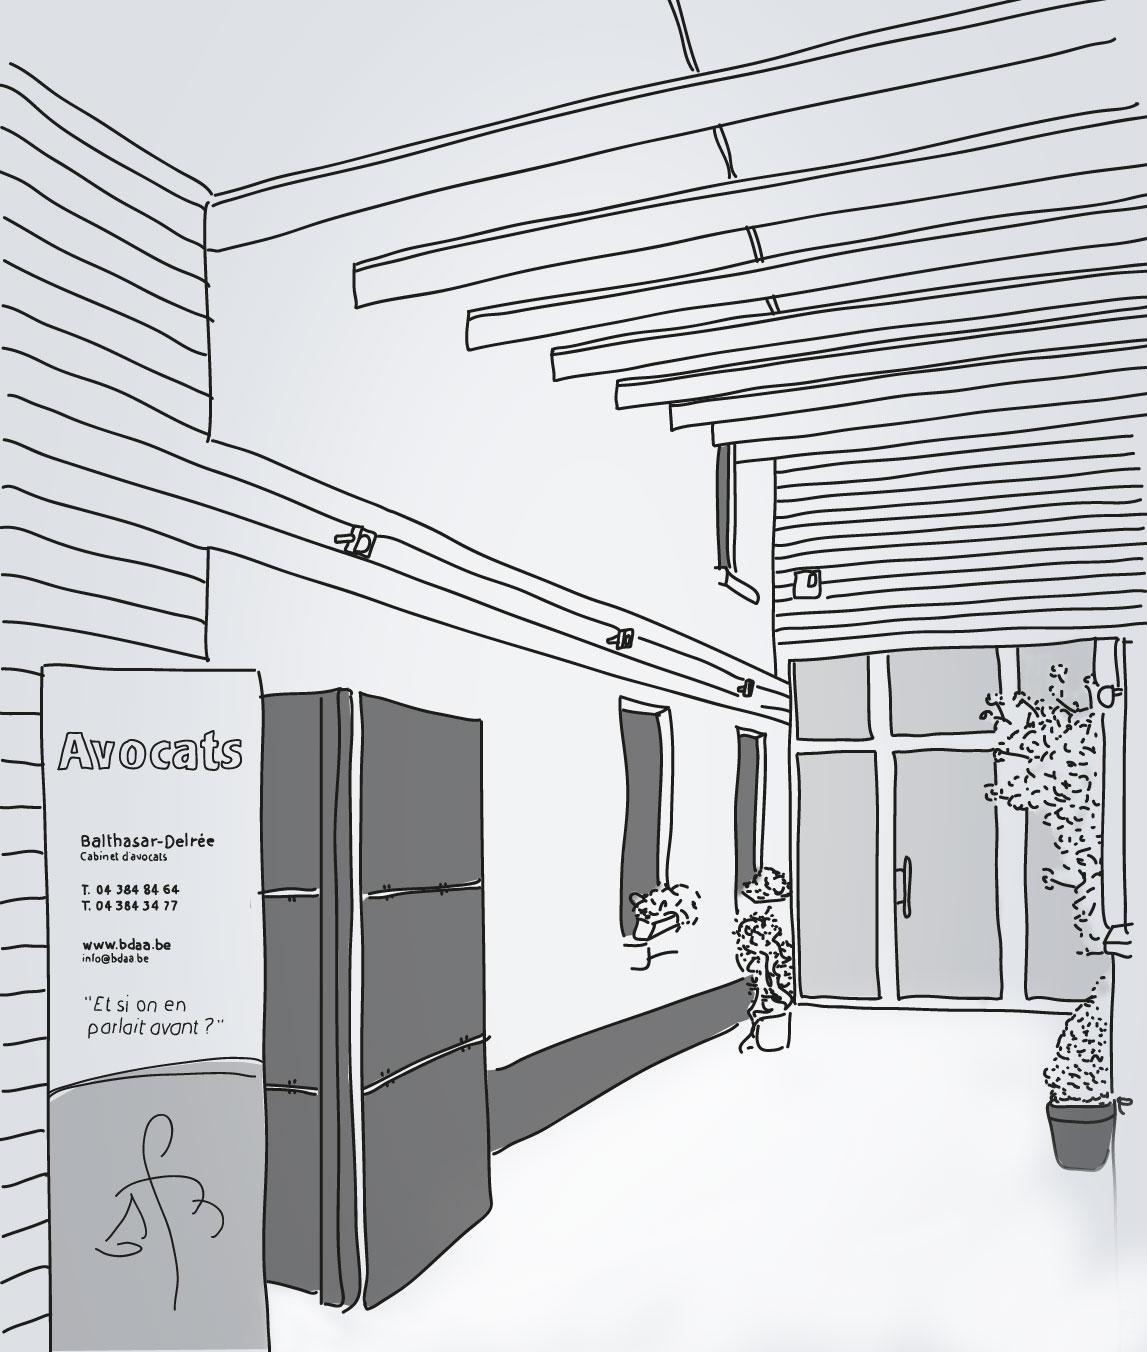 Balthasar & Delrée - Image des compétences du cabinet